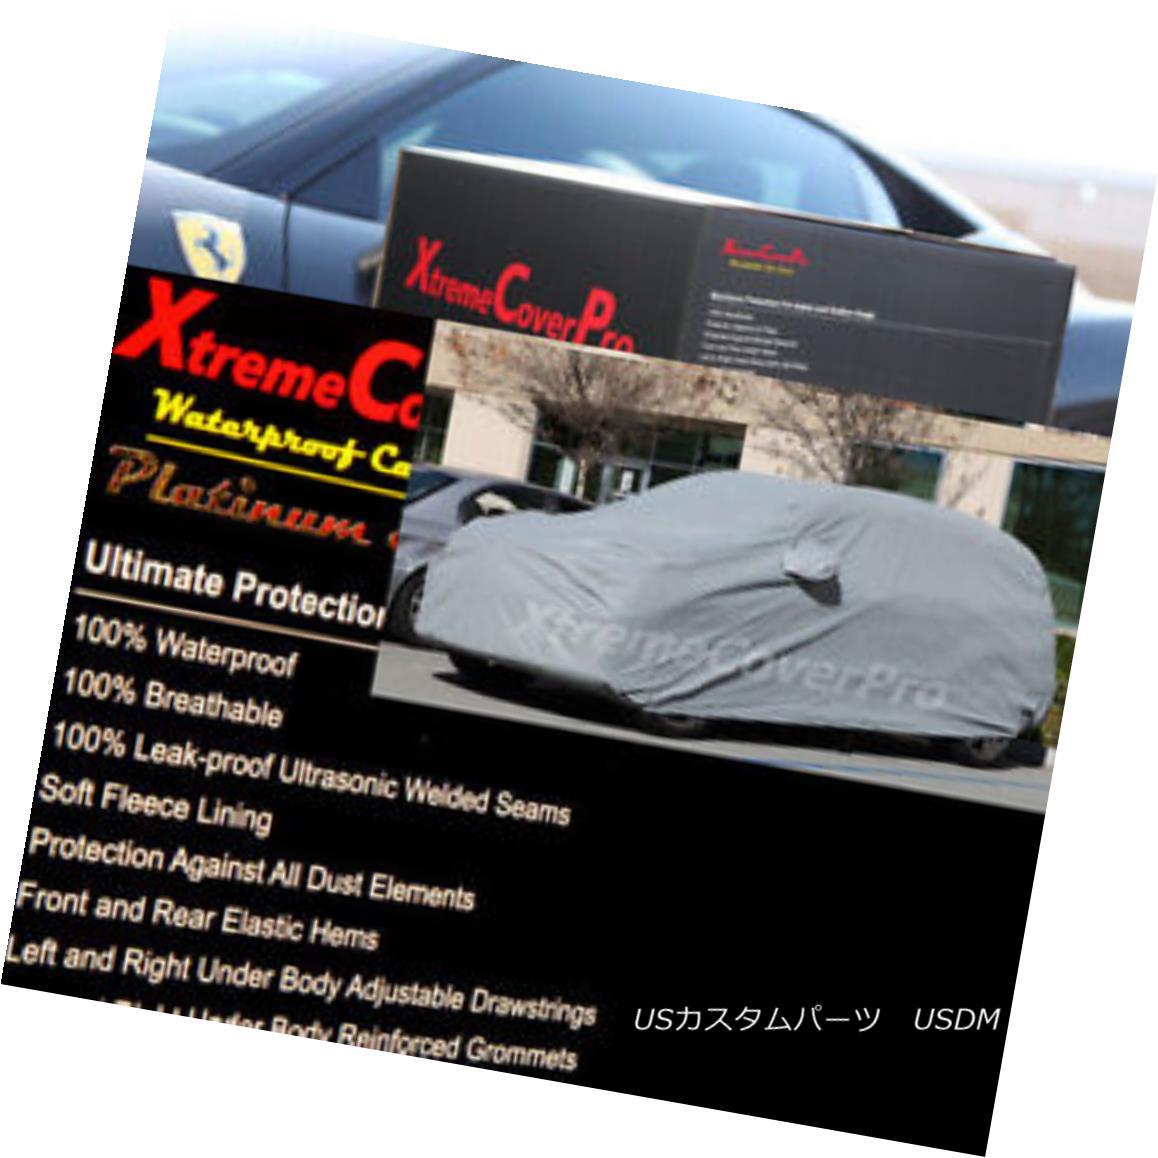 カーカバー 2013 Subaru Outback Waterproof Car Cover w/MirrorPocket 2013スバルアウトバック防水カーカバー付きMirrorPocket